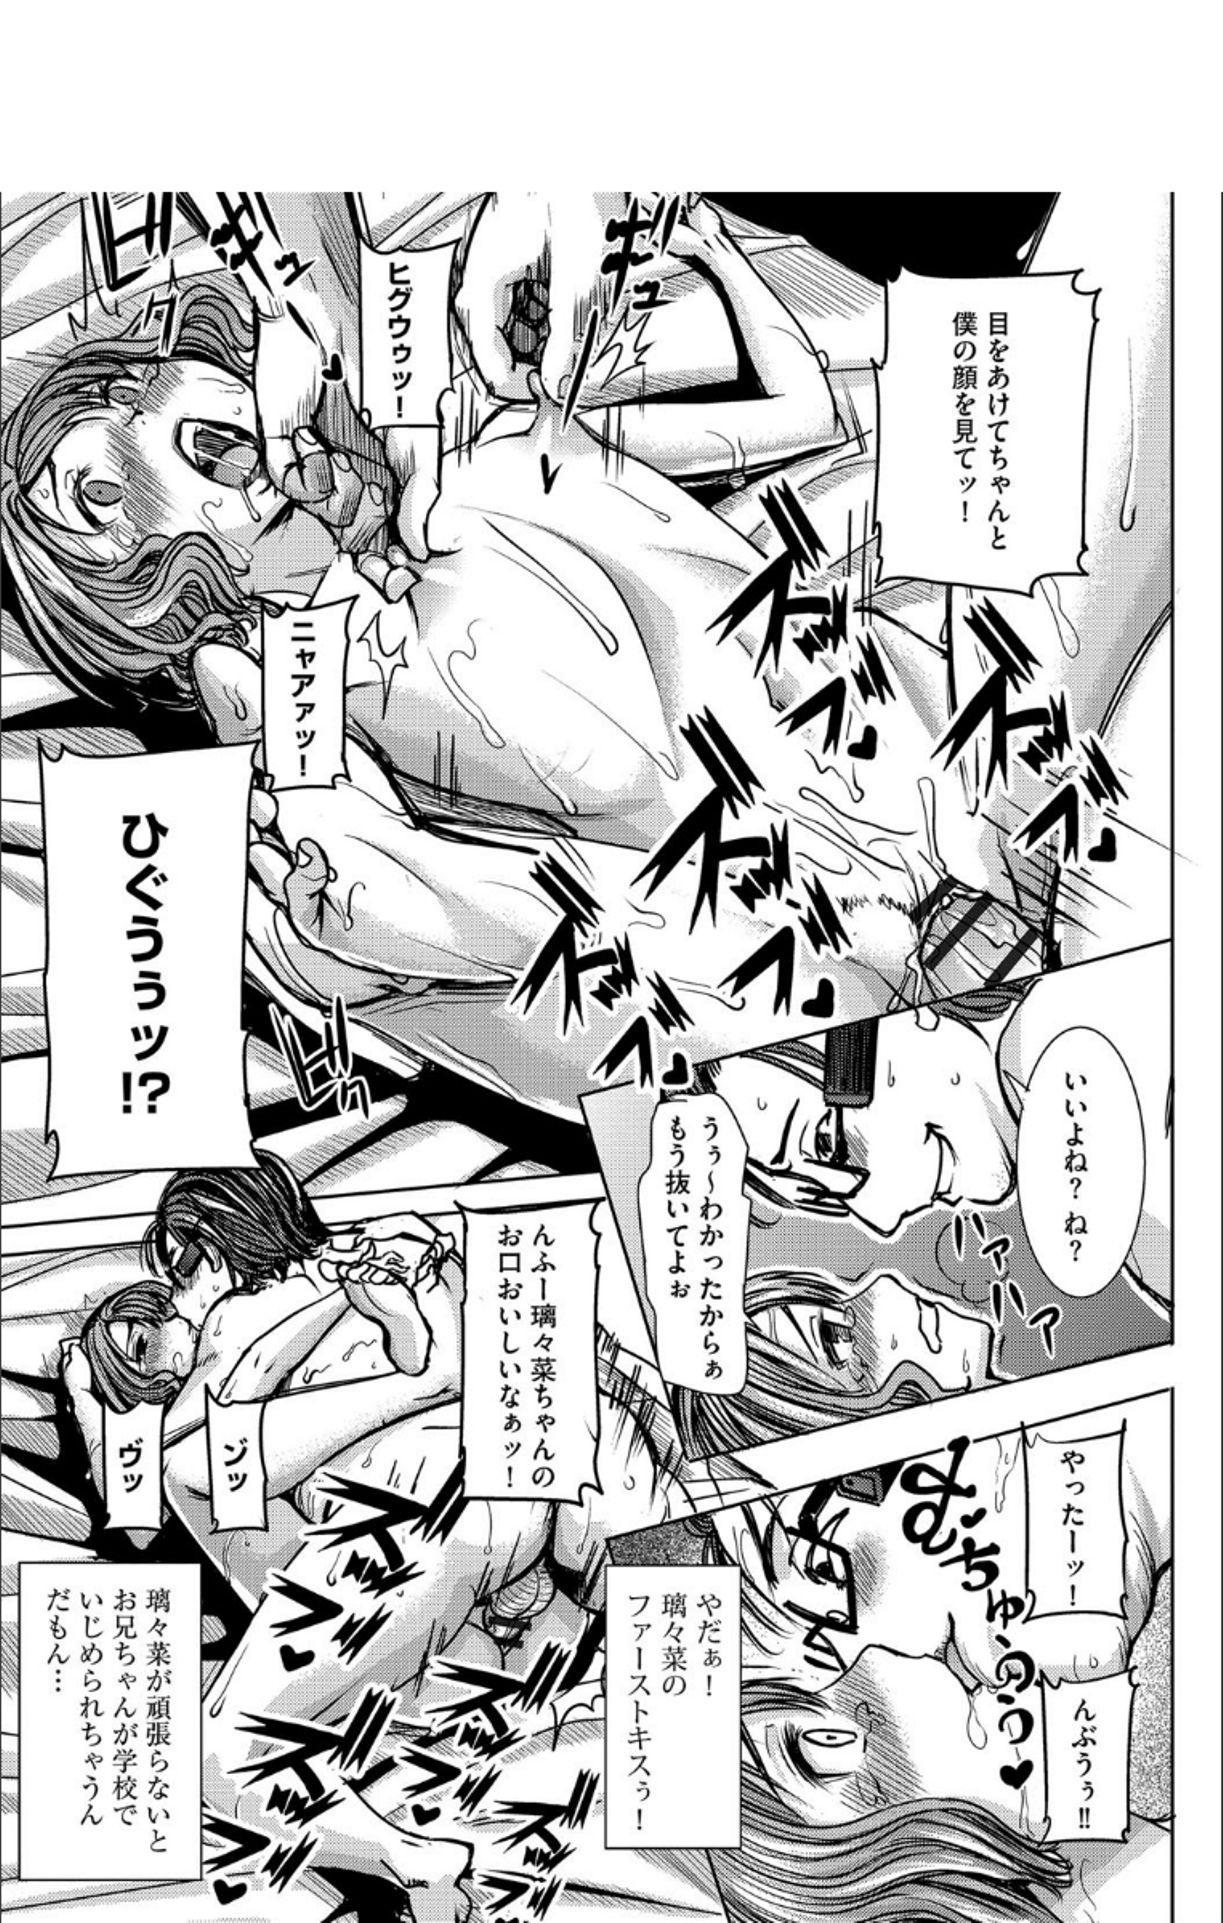 Boku no Kazoku o Sarashimasu + DMM Gentei Tokuten Paper 47